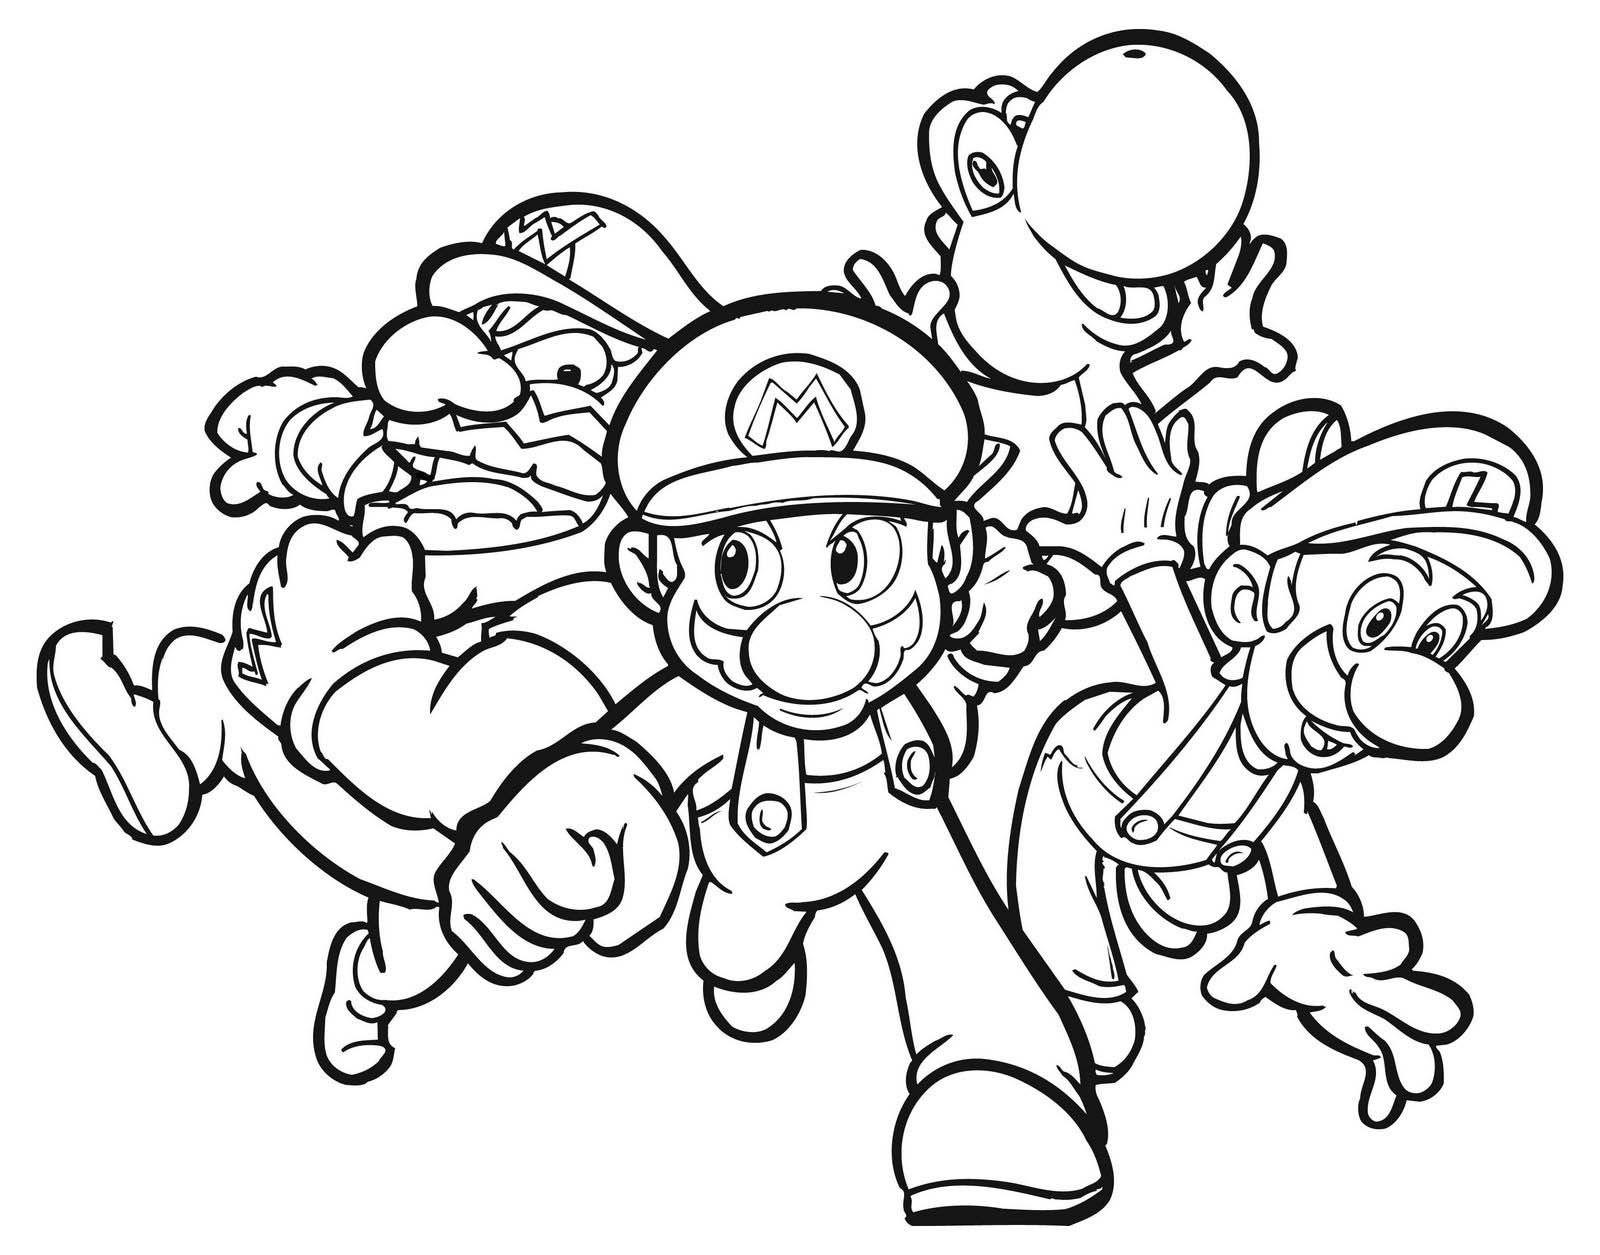 Mario Zum Ausmalen Einzigartig Mario Coloring Pages to Print Free Schön Ausmalbilder Mario Und Bilder